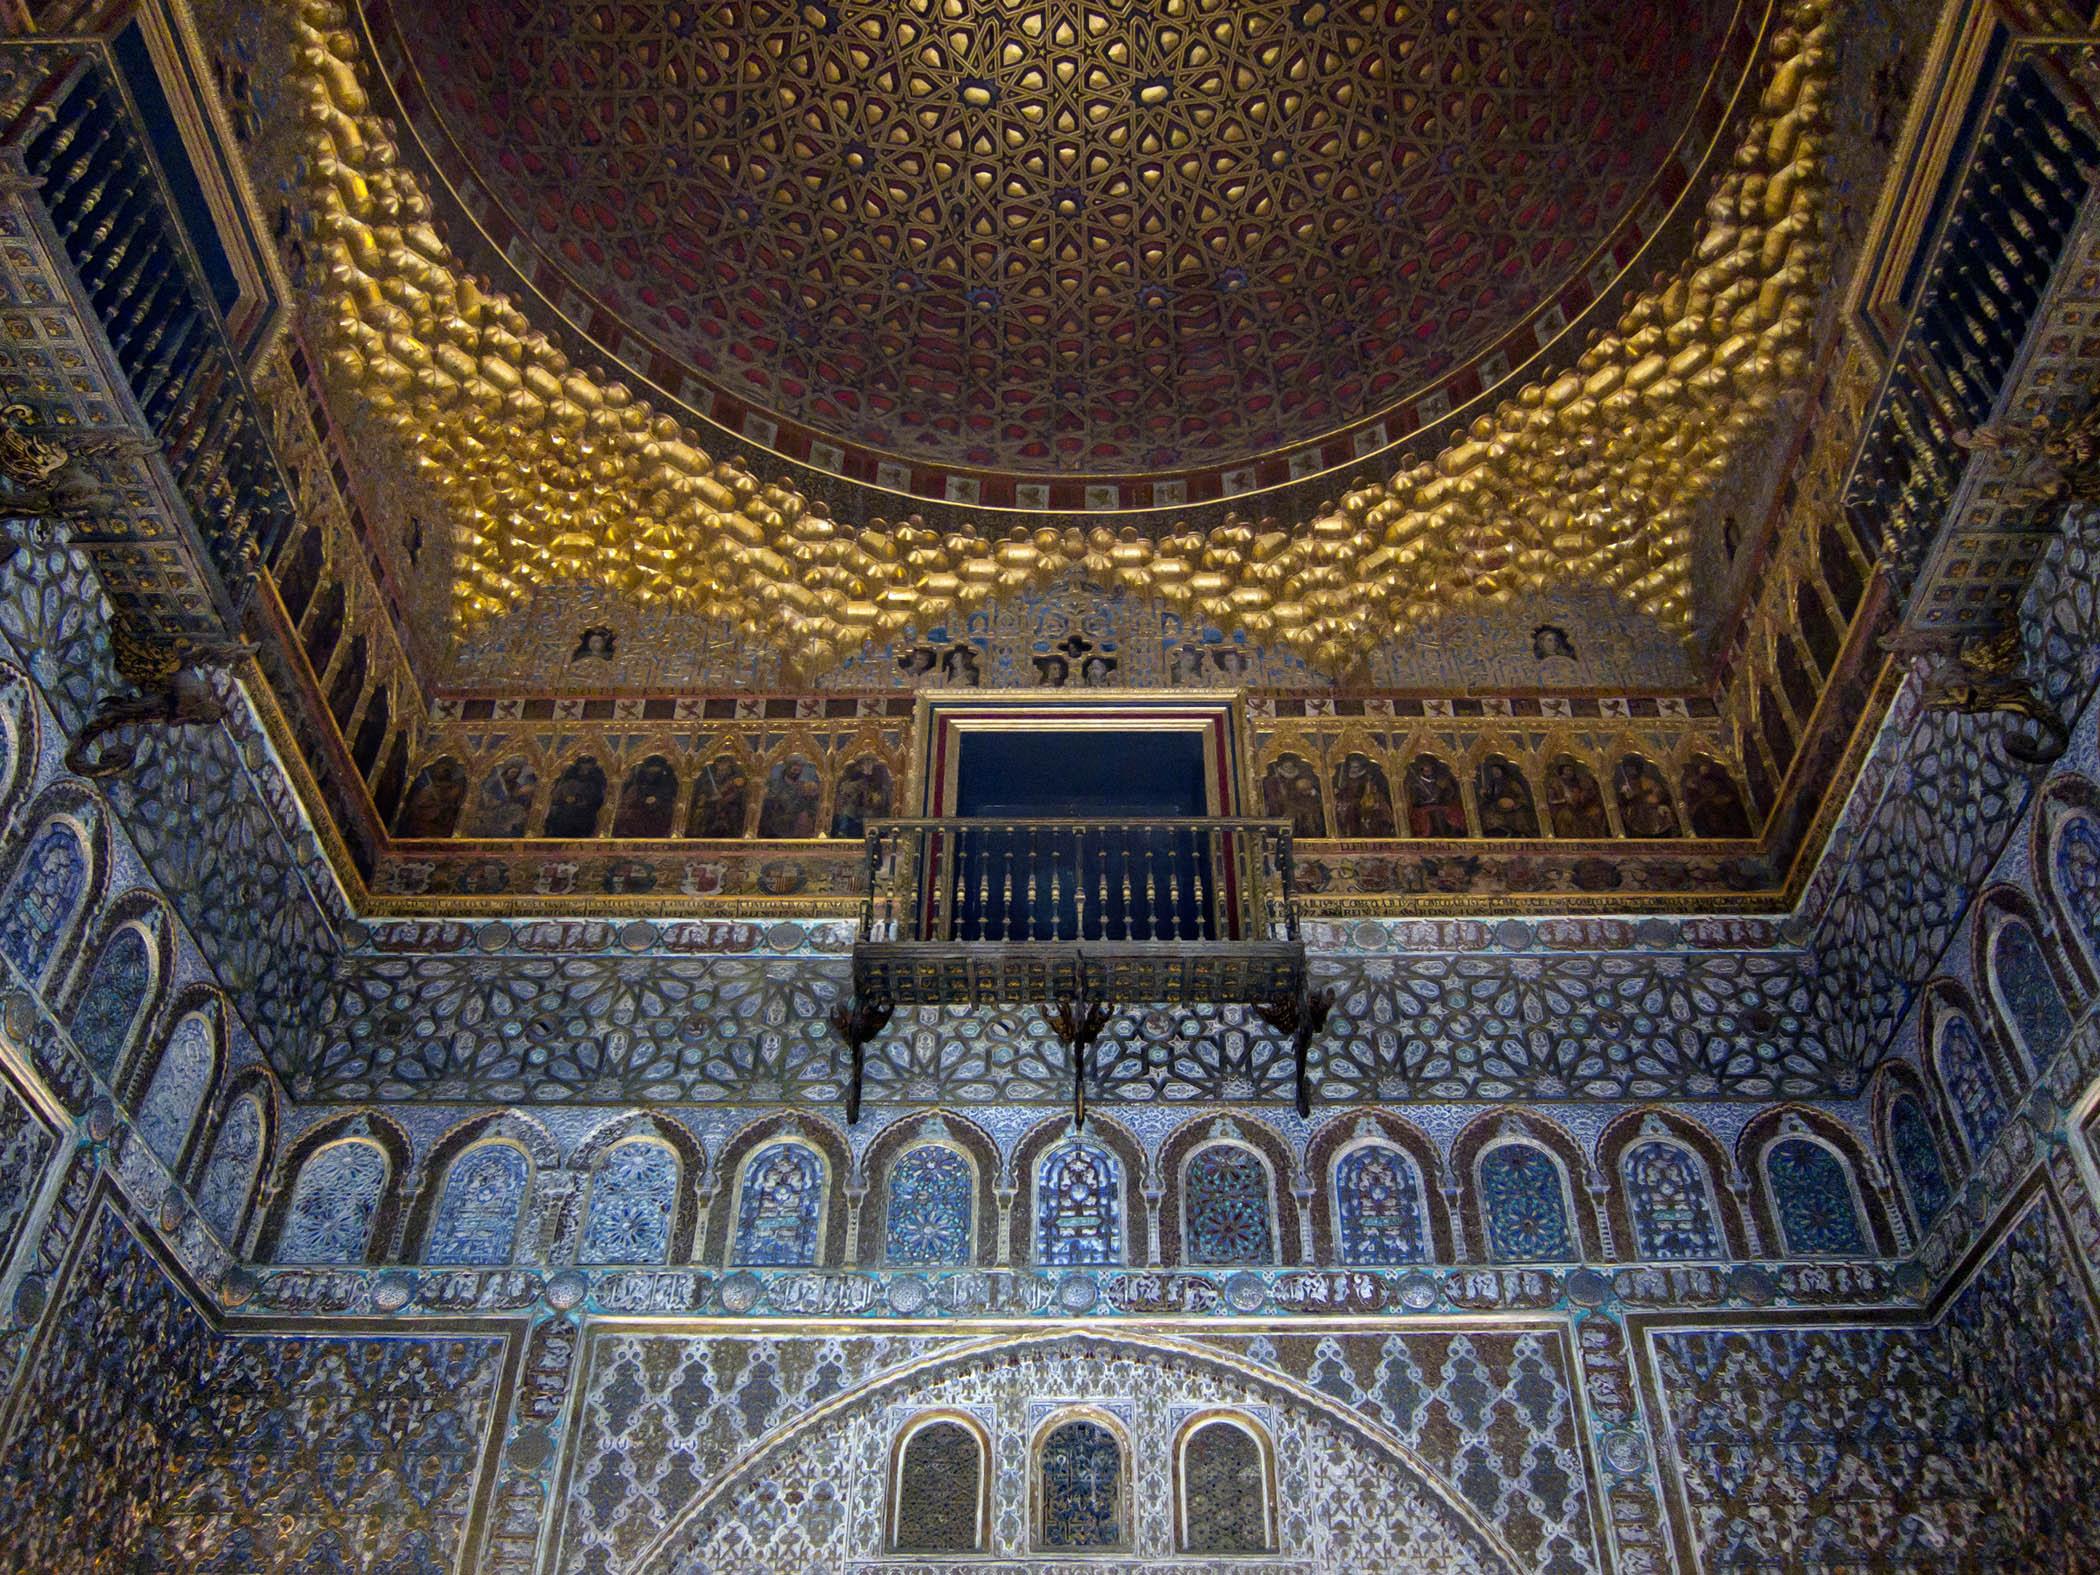 Salón de Embajadores - Hall of Ambassadors | Real Alcázar de Sevilla